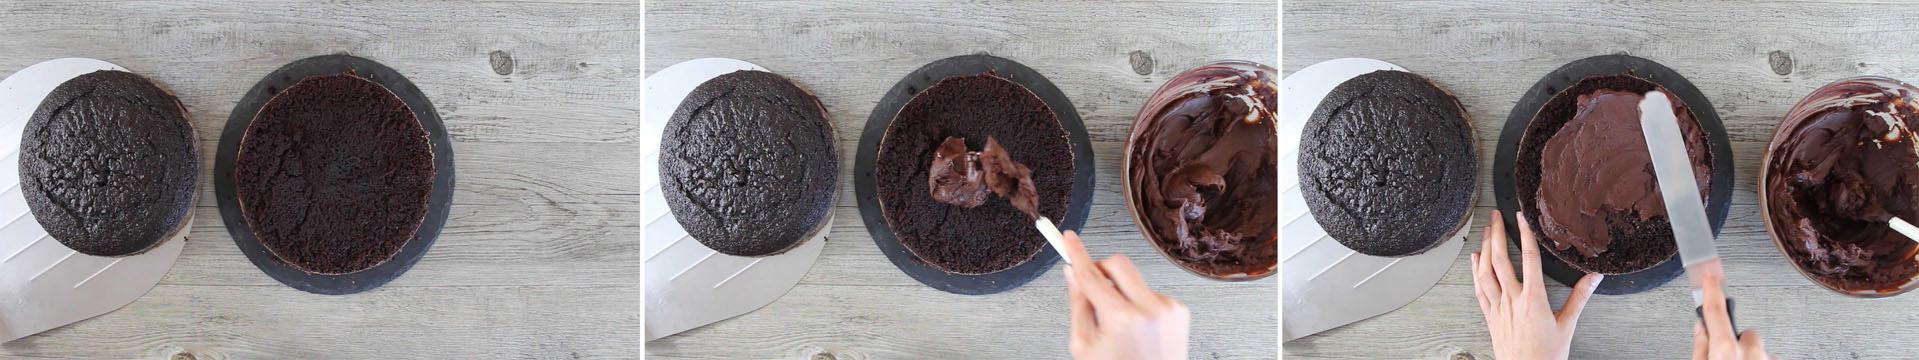 composizione torta al cioccolato fondente